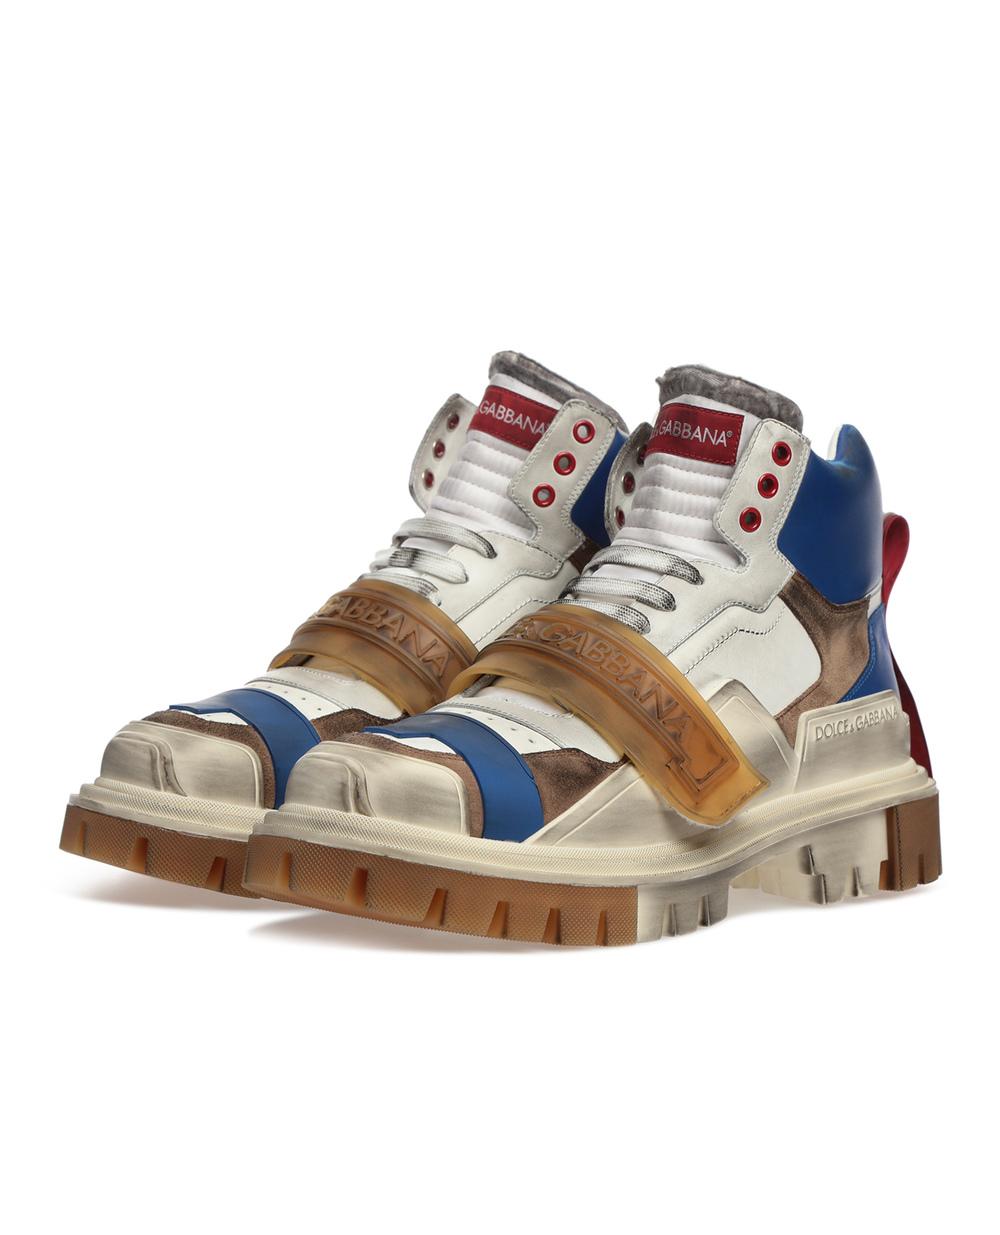 Ботинки Hi Trekking Dolce&Gabbana CS1699-AJ565 — Kameron